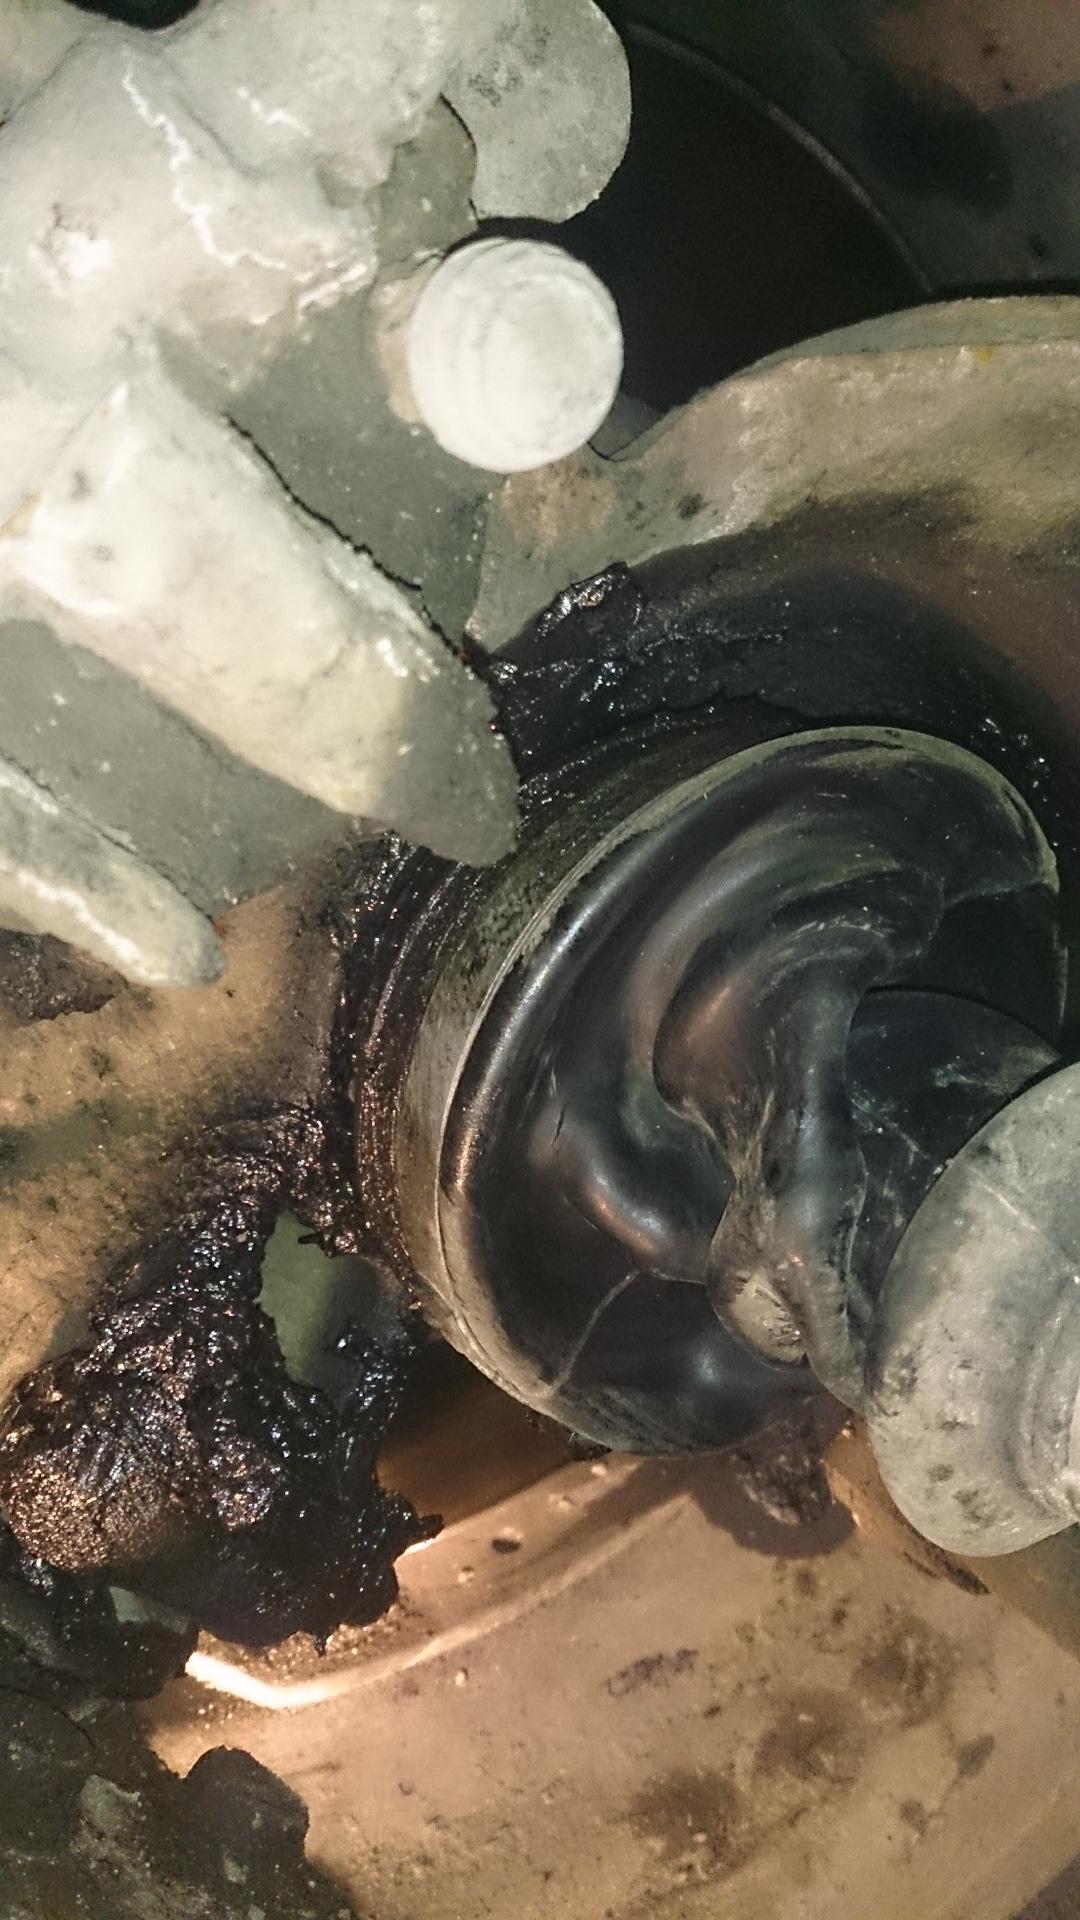 Замена пыльника внешнего шруса форд фокус 2 своими руками 58